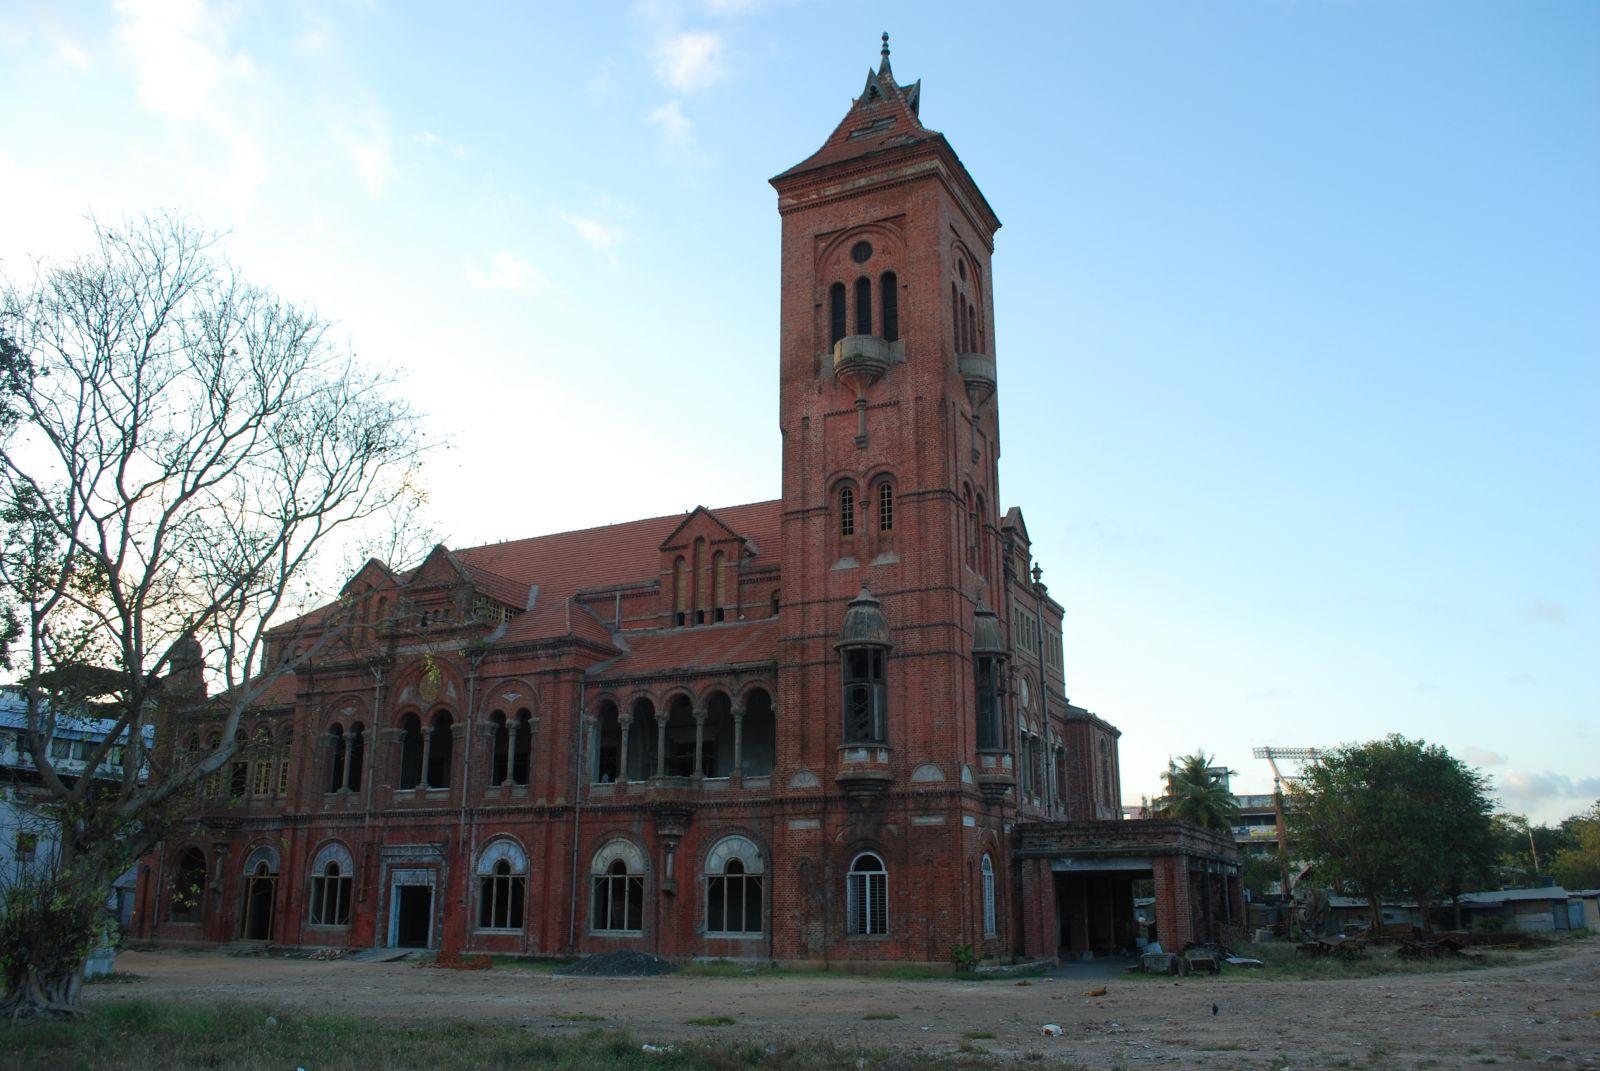 馬德拉斯的維多利亞公會堂,乍看宛若英國鄉村風景